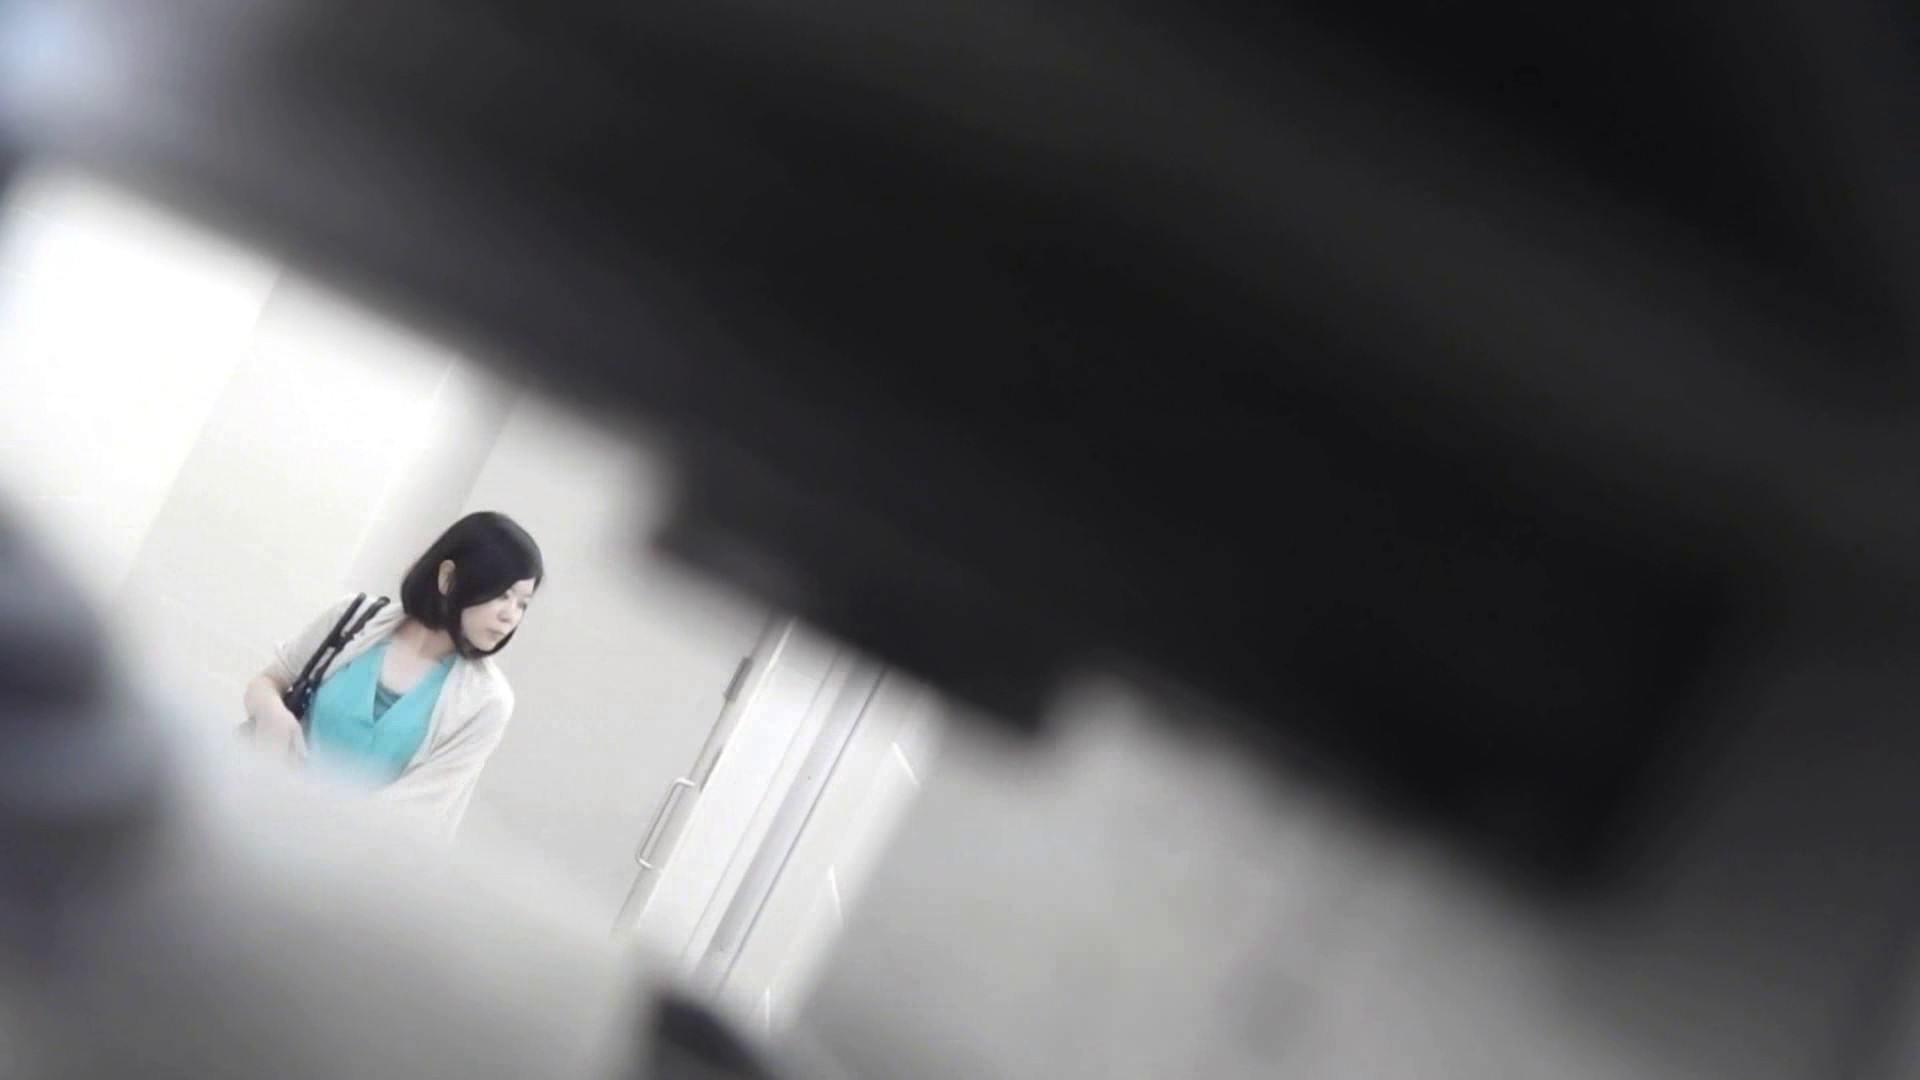 vol.25三十時間潜り、一つしか出会えない完璧桃尻編 byお銀 HなOL 性交動画流出 96pic 62